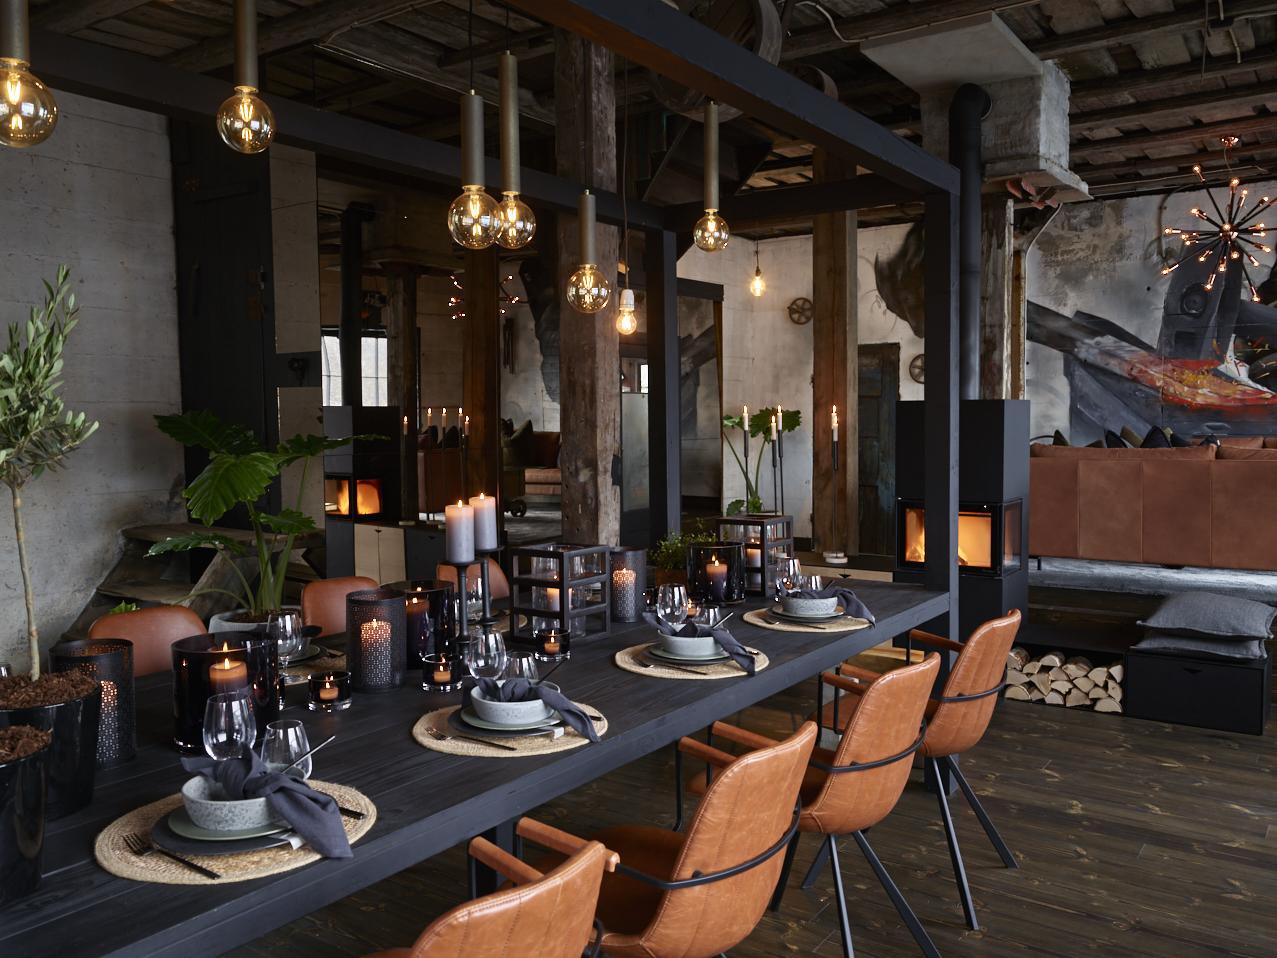 Lekkert dekket bord med serivse fra Bitz og glass fra Luigi Bormioli